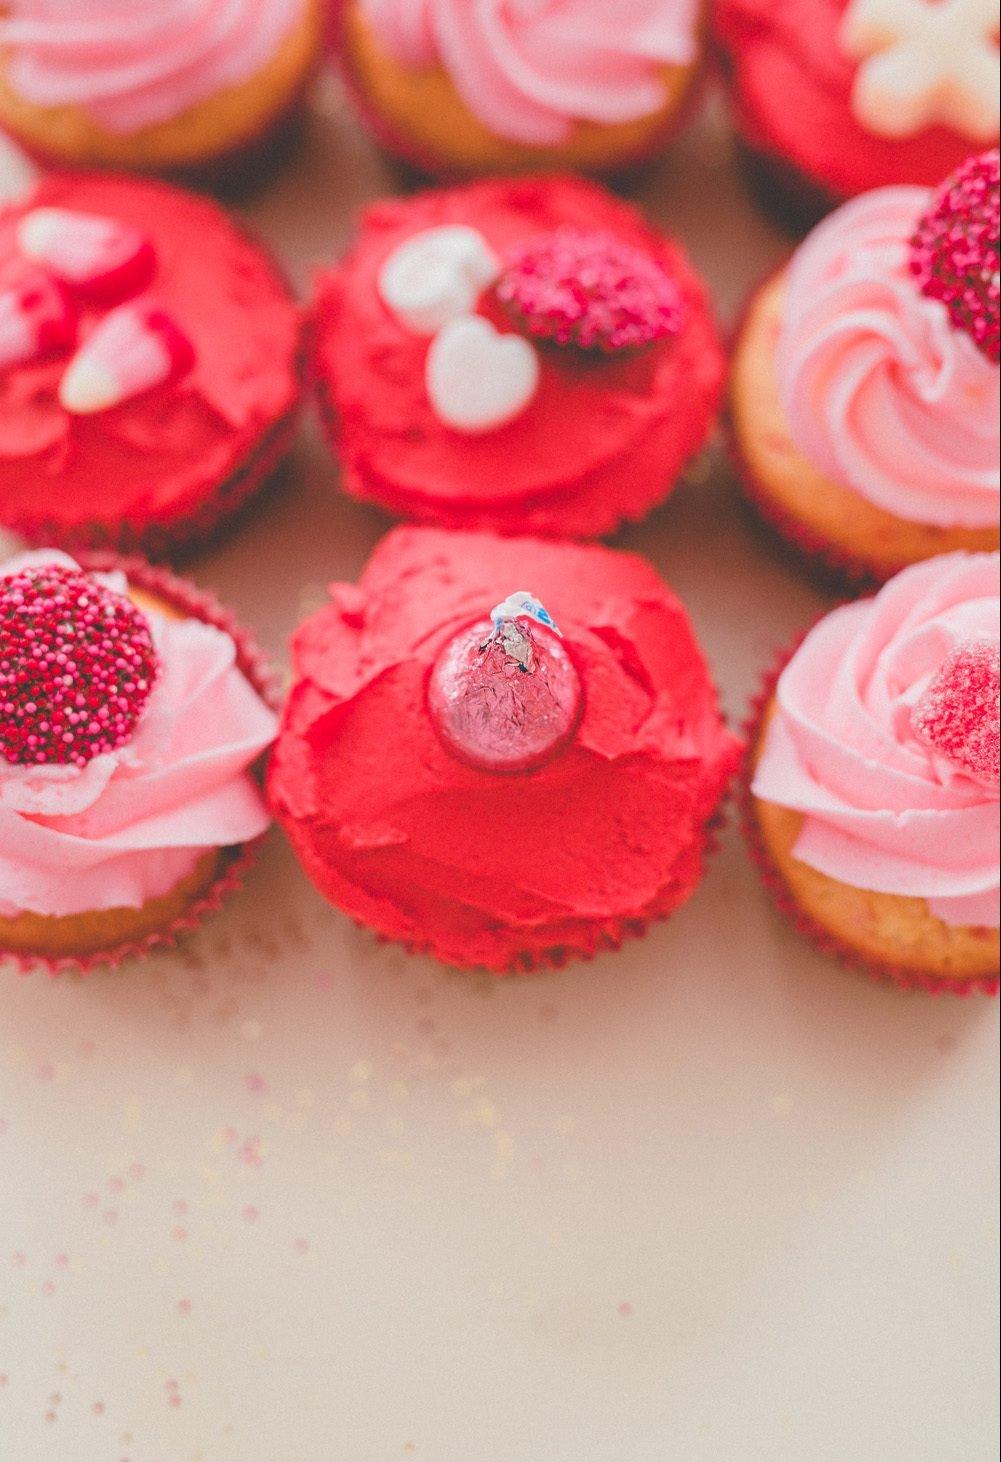 Muffins mit Zuckerglasur in Rosa-Nuancen als eine Idee für Geschenk zum Valentinstag